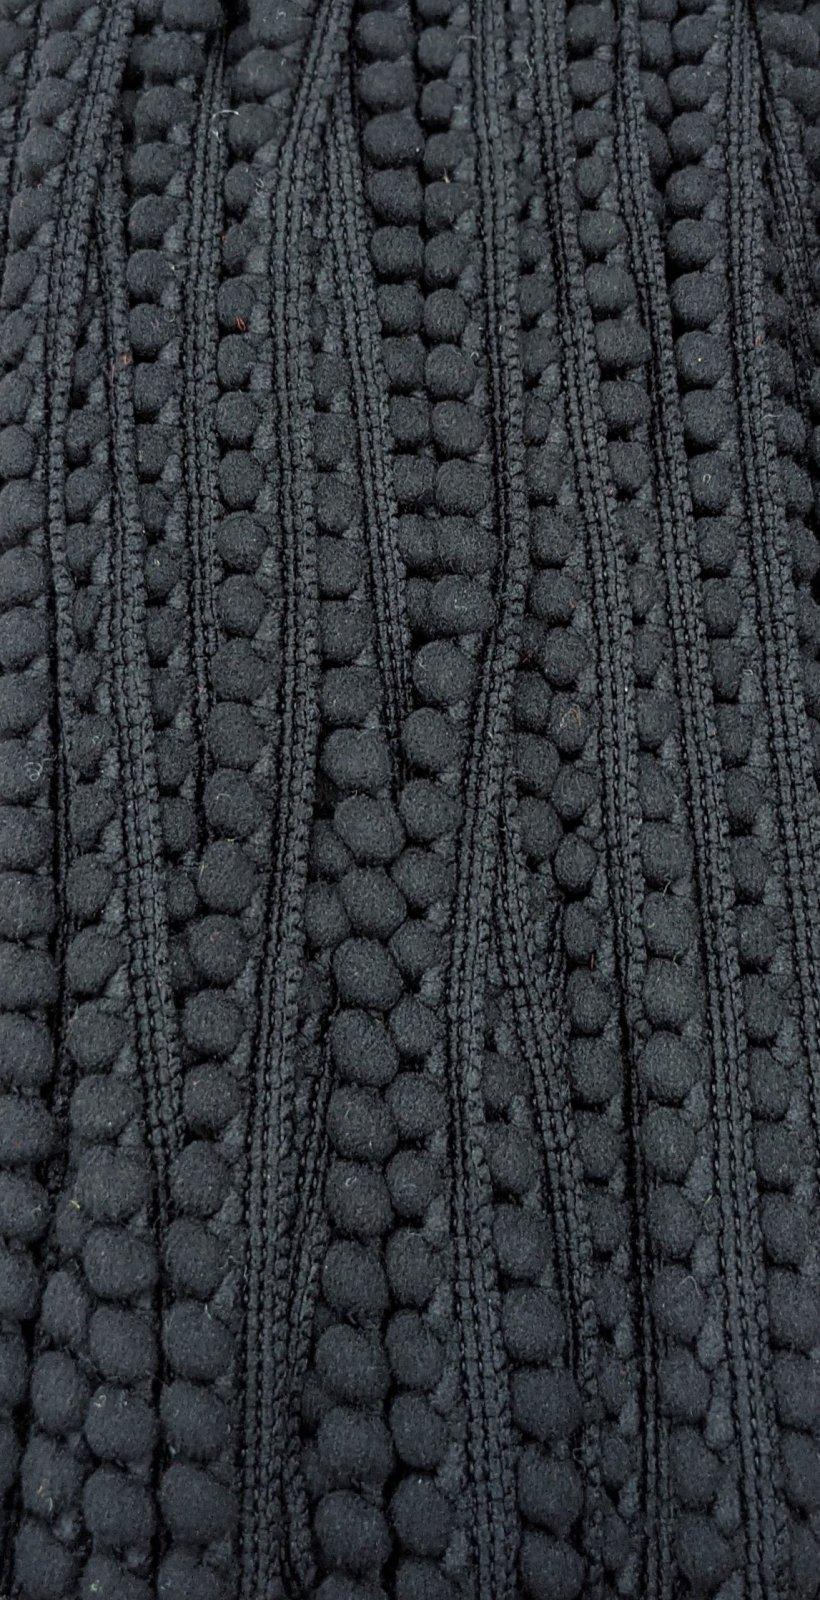 Mini Pom Pom Trim 3/8 - Black